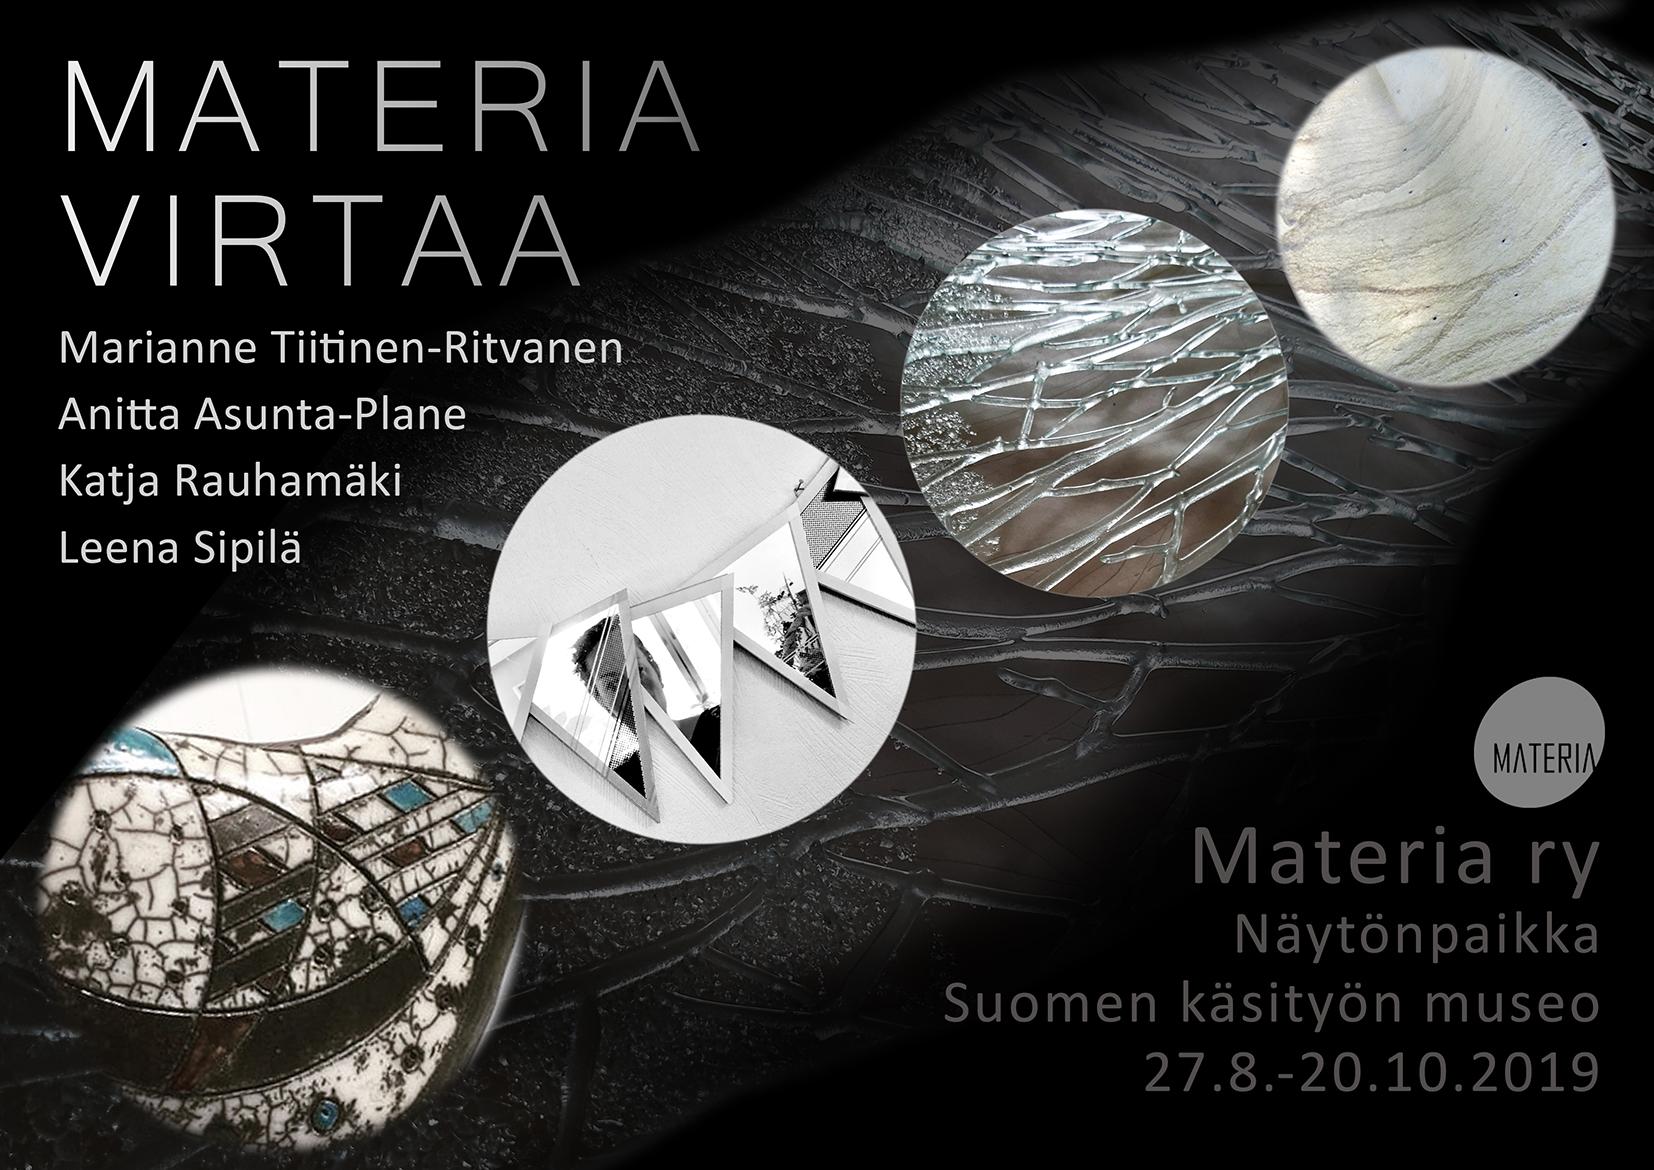 Materia virtaa -näyttelyjuliste